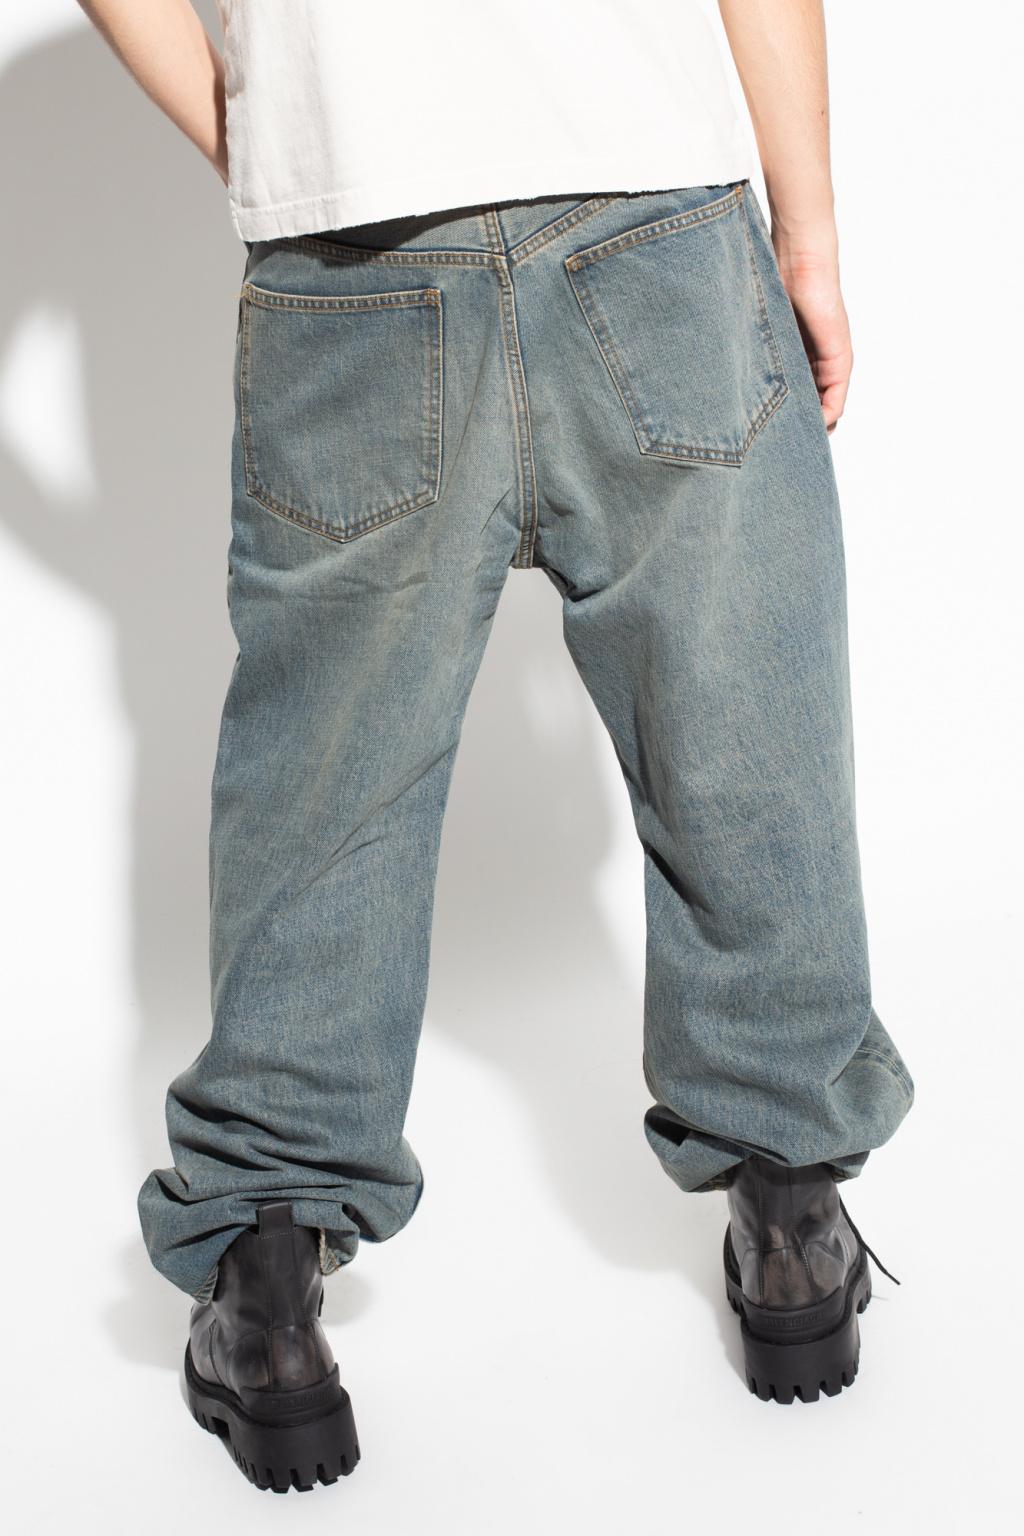 Balenciaga Jeans with logo